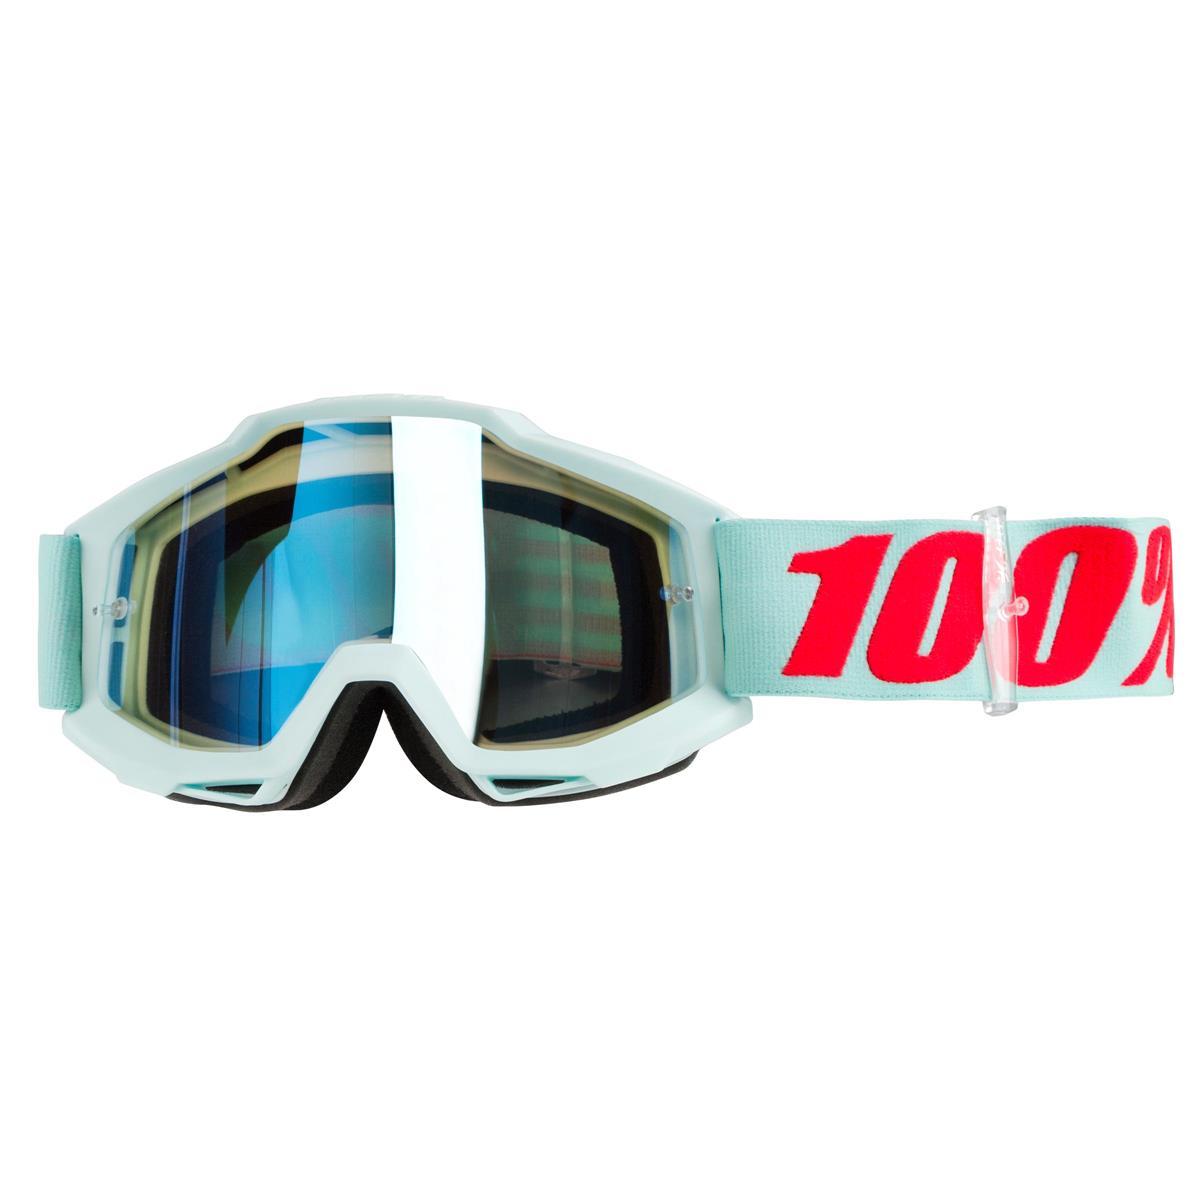 100% Goggle The Accuri Maldives - Mirror Blue Anti-Fog